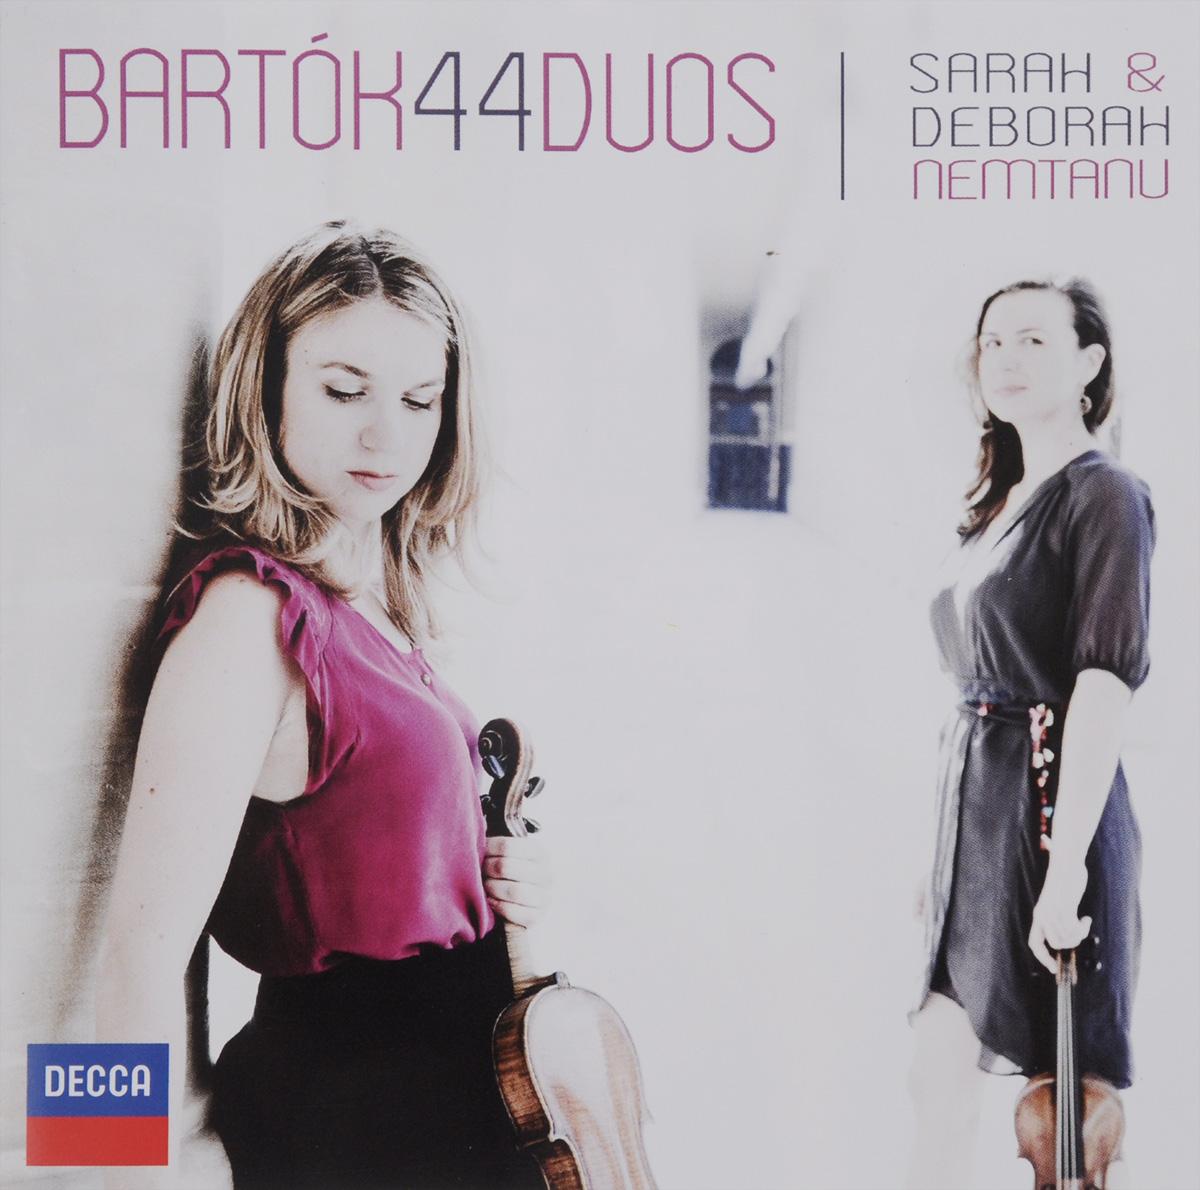 Sarah Nemtanu,Deborah Nemtanu Sarah Nemtanu. Deborah Nemtanu. Bartok. 44 Duos For Two Violins